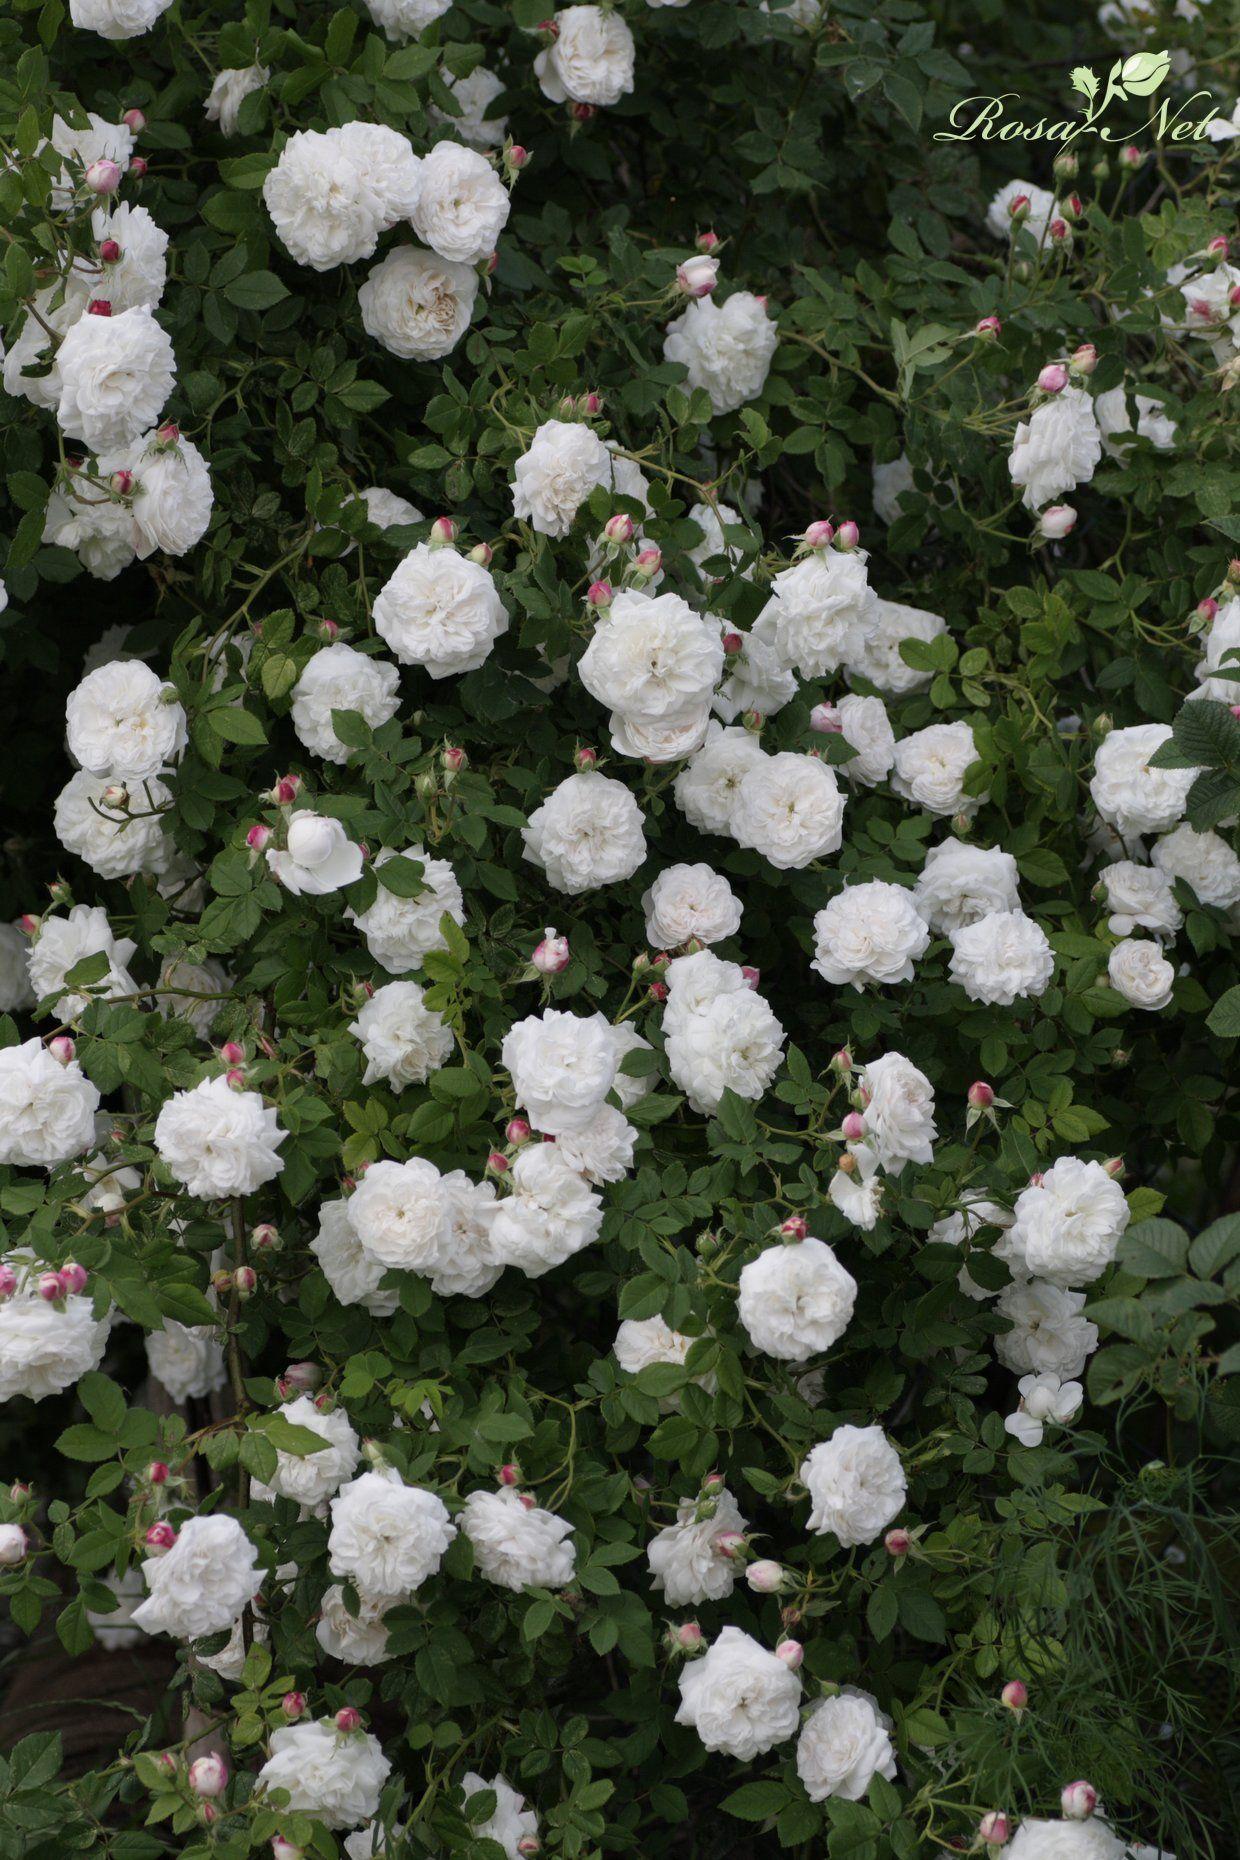 10 Najpiekniejszych Roz Historycznych Wedlug Deirde Roza Alba Madame Plantier Jest To Roza Pnaca O Pieknych Bialych Kwiatach White Roses Plants Botanical